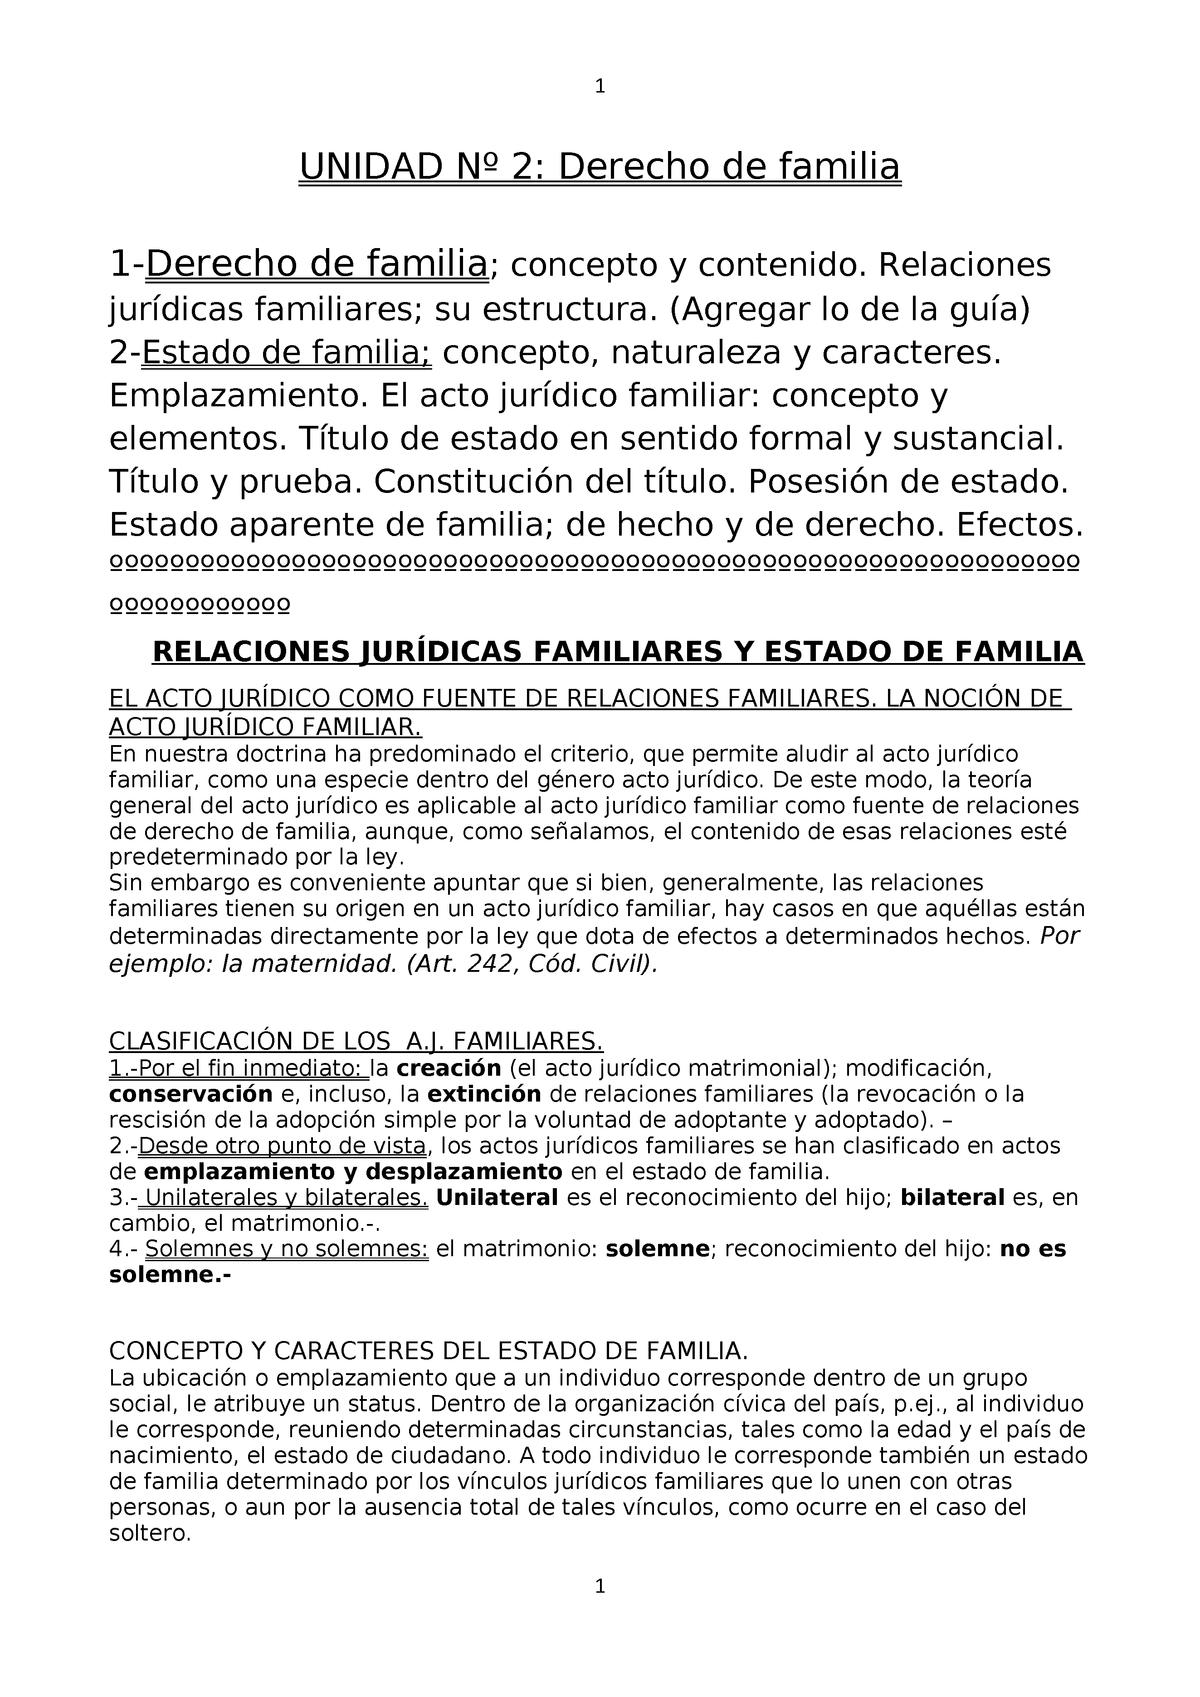 Bolilla Nº 2 Derecho De Familia Uncoma Studocu